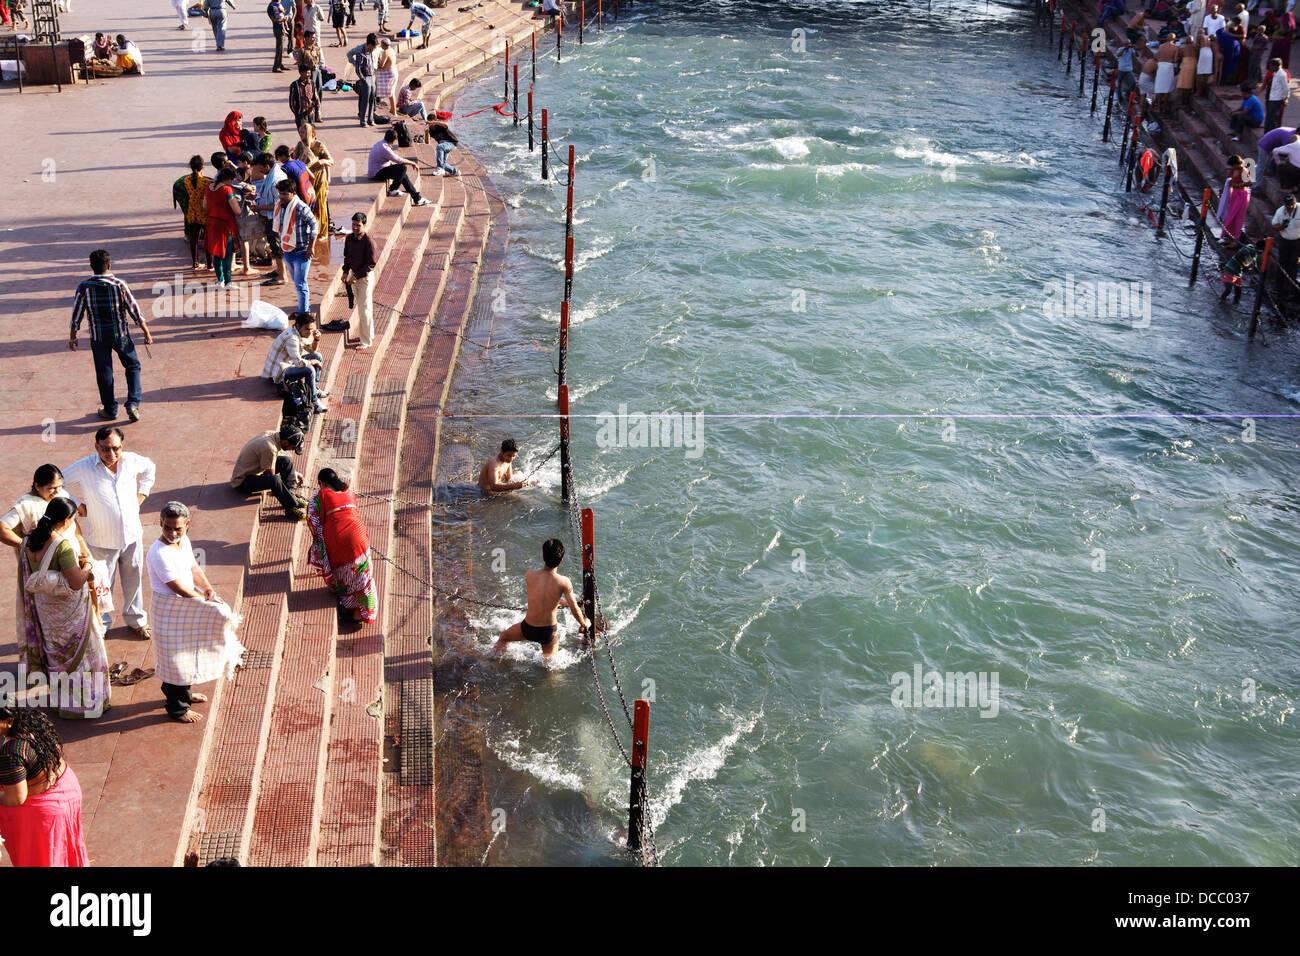 I religiosi devoti di immergersi nel flusso rapido delle acque del Fiume Gange in Haridwar, India. Immagini Stock